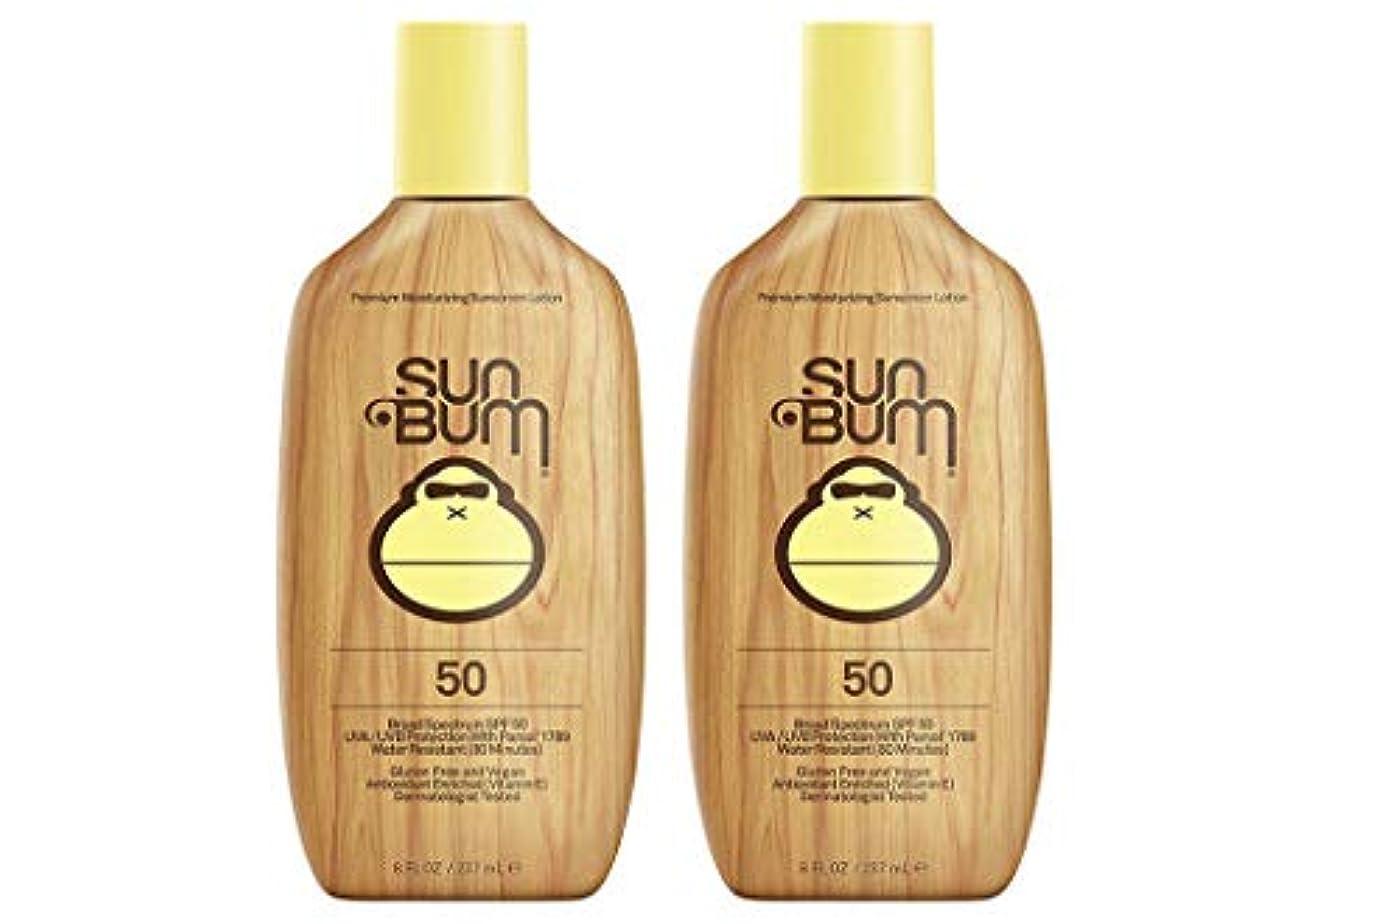 スパン札入れ遠いSun Bumモイスチャライジングpjoxs日焼け止めローション、SPF 50 (2パック)